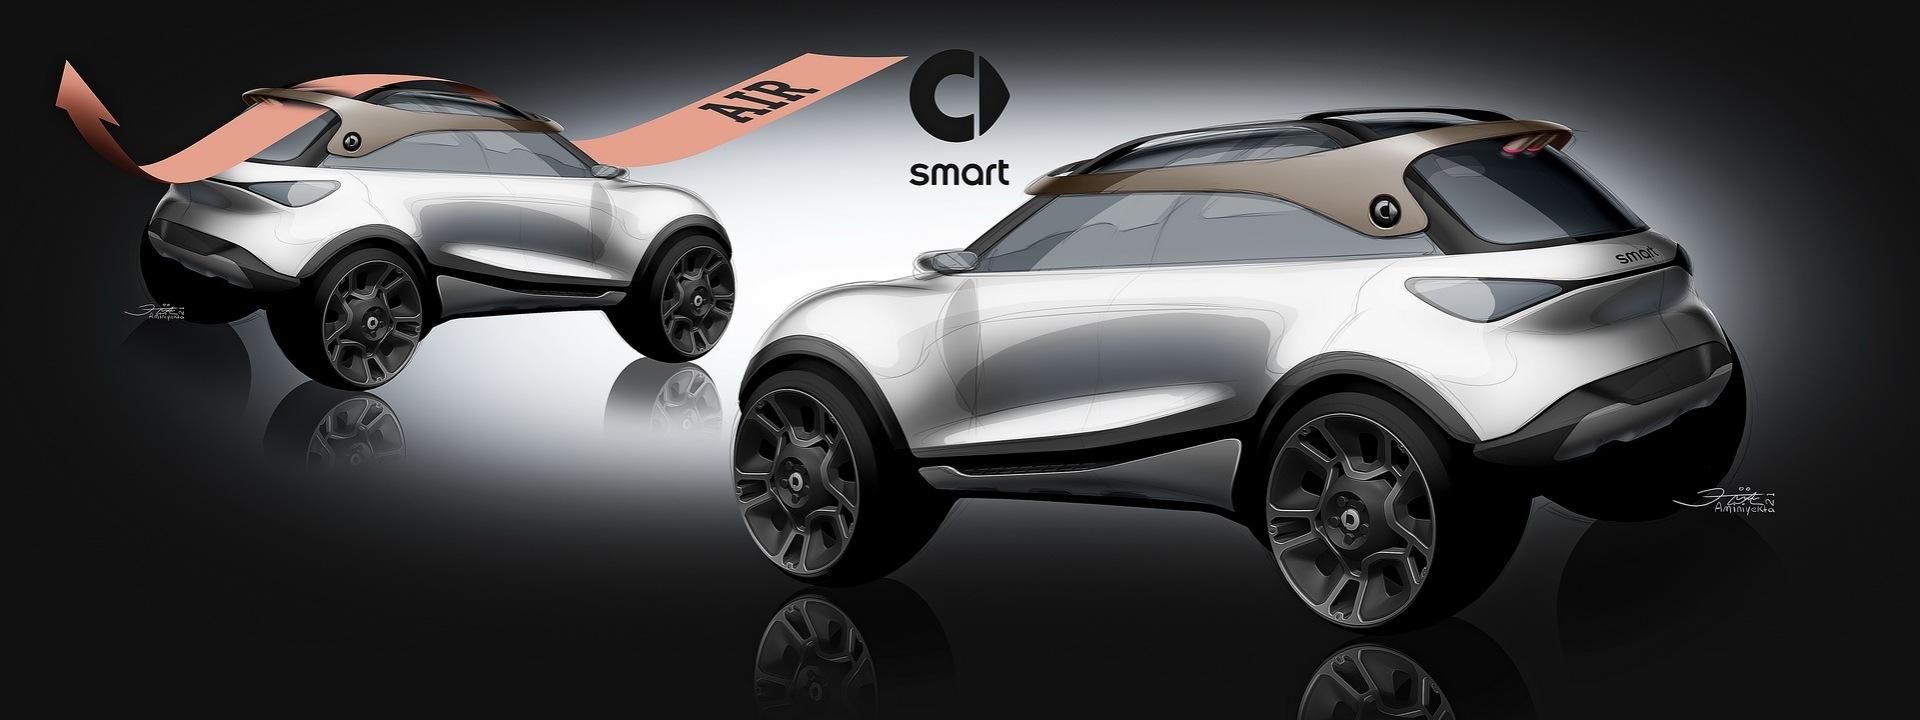 Smart Concept Suv 21